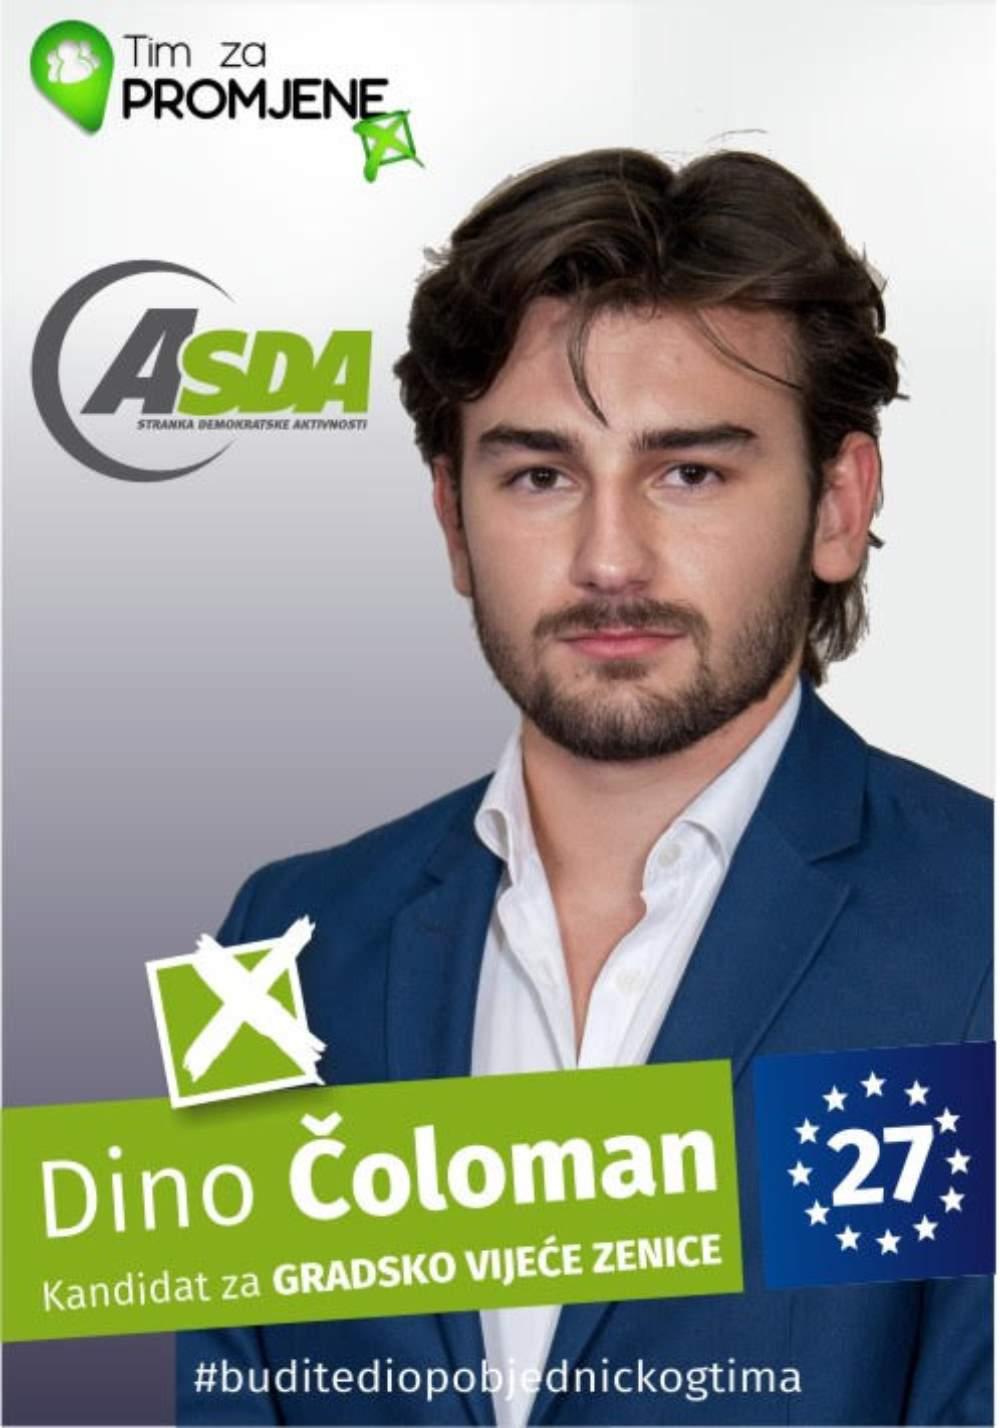 Dino Čoloman